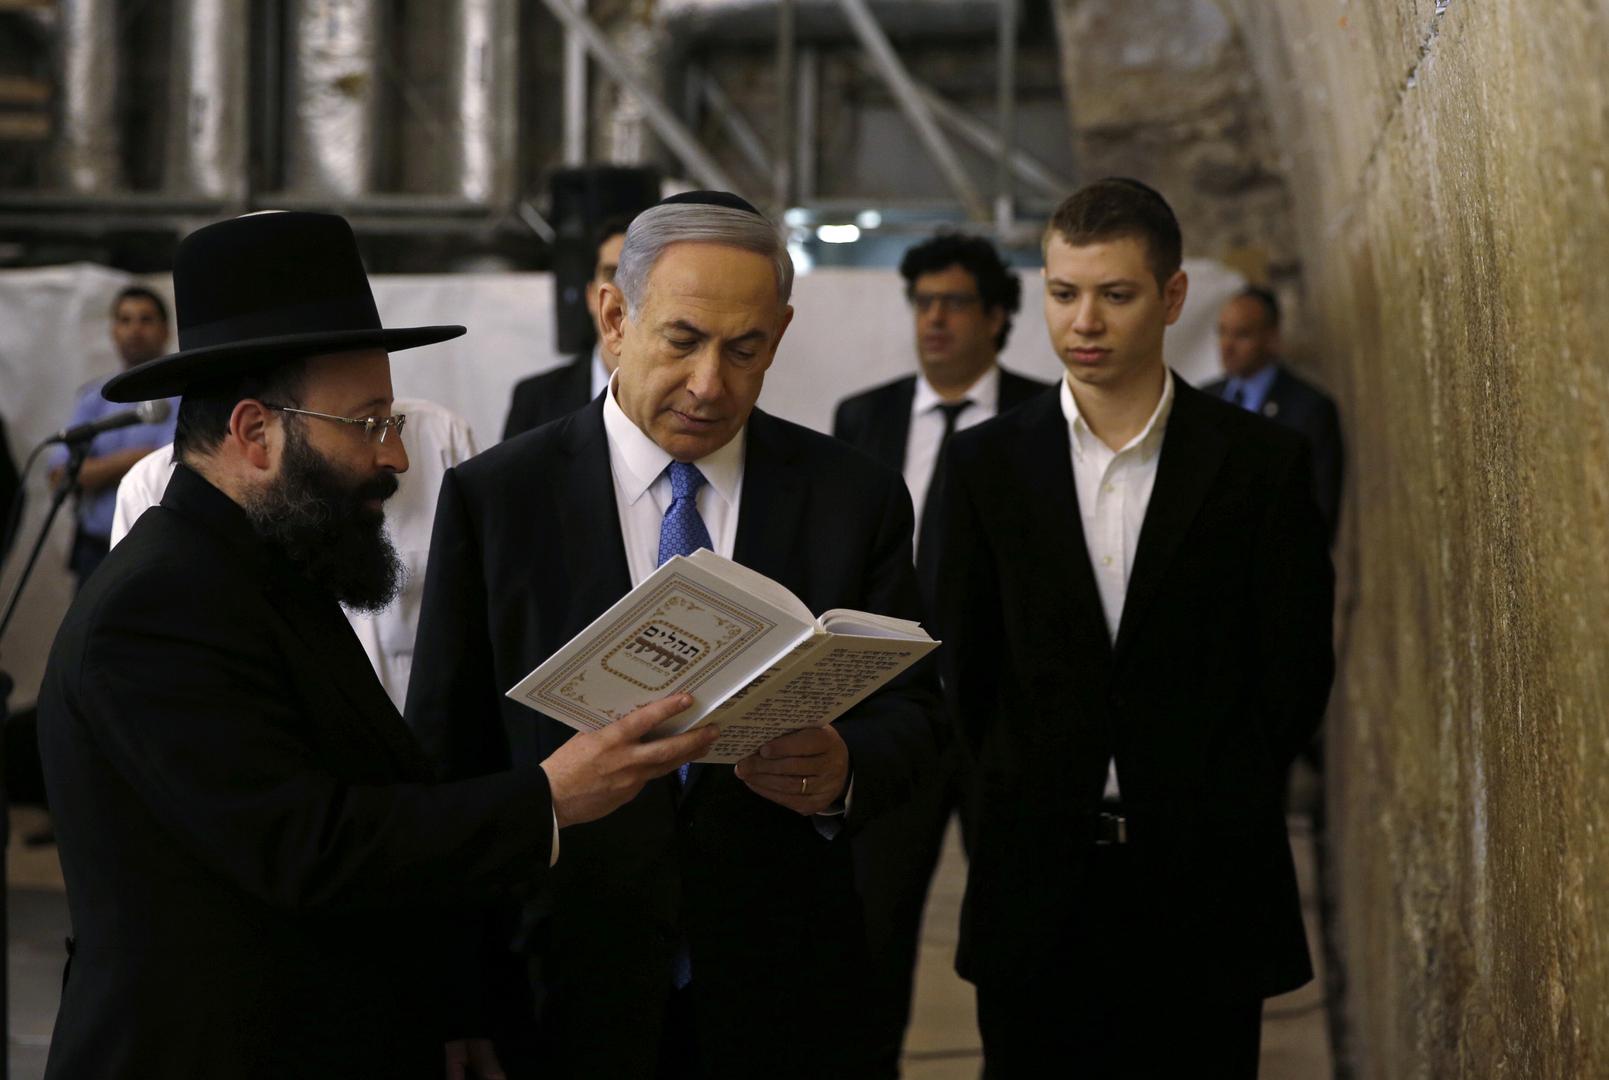 رئيس الوزراء، بنيامين نتنياهو وابنه يائير على يساره